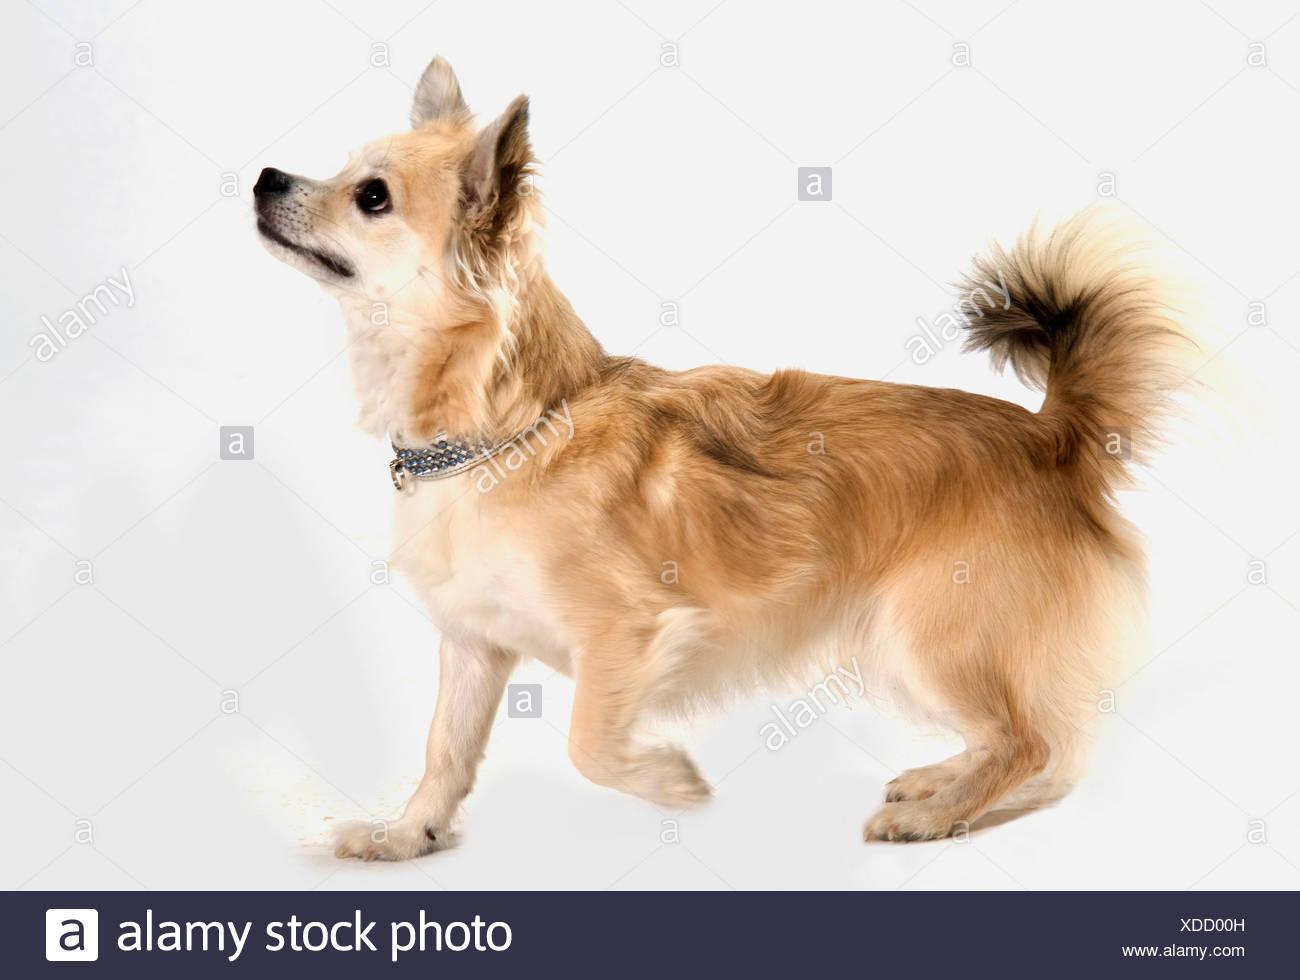 Chihuahua Dog UK - Stock Image